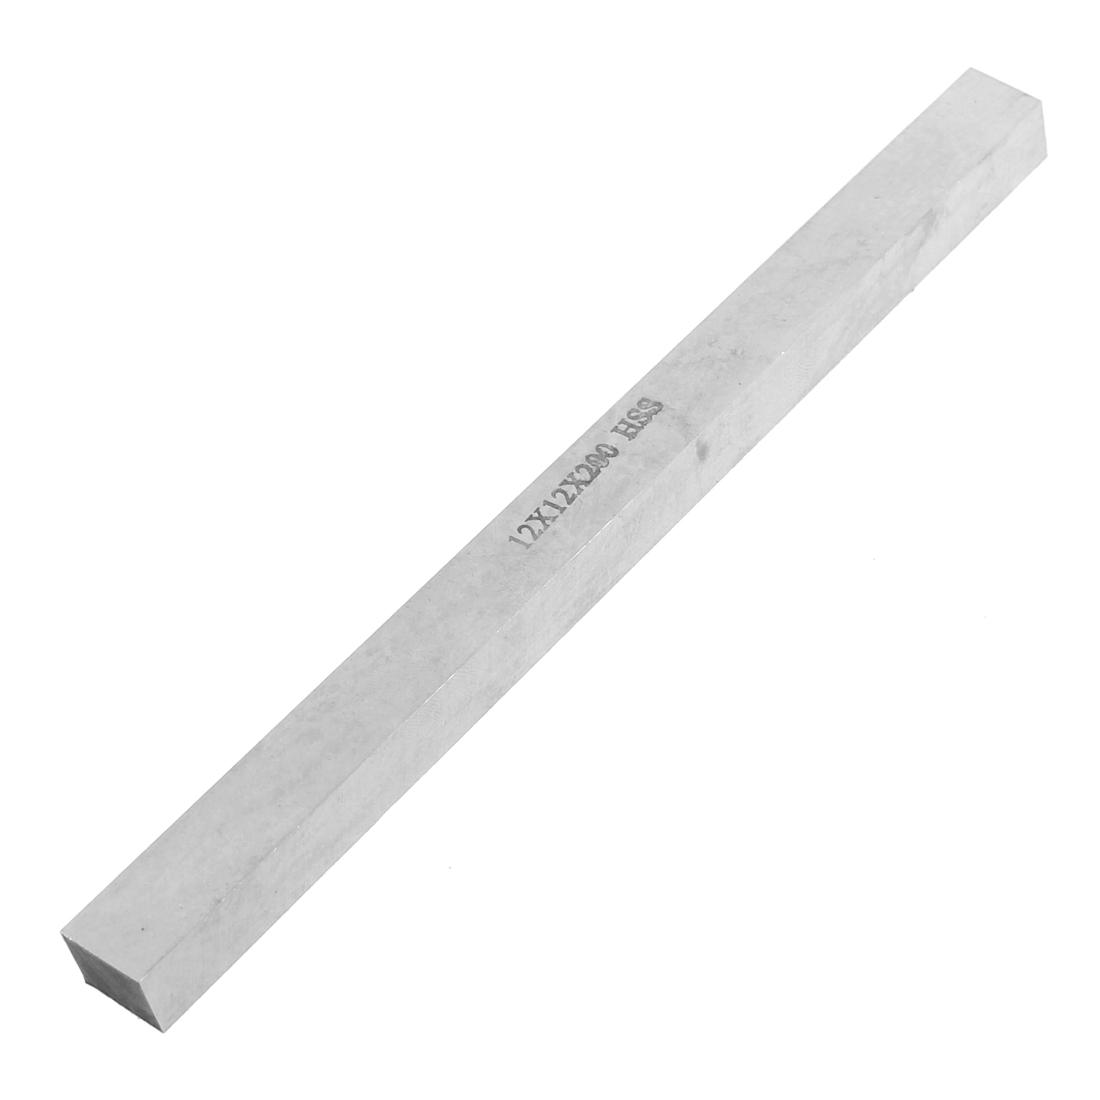 CNC Lathe HSS Bit Cutting Boring Bar Cutter Tool 12mmx12mmx200mm